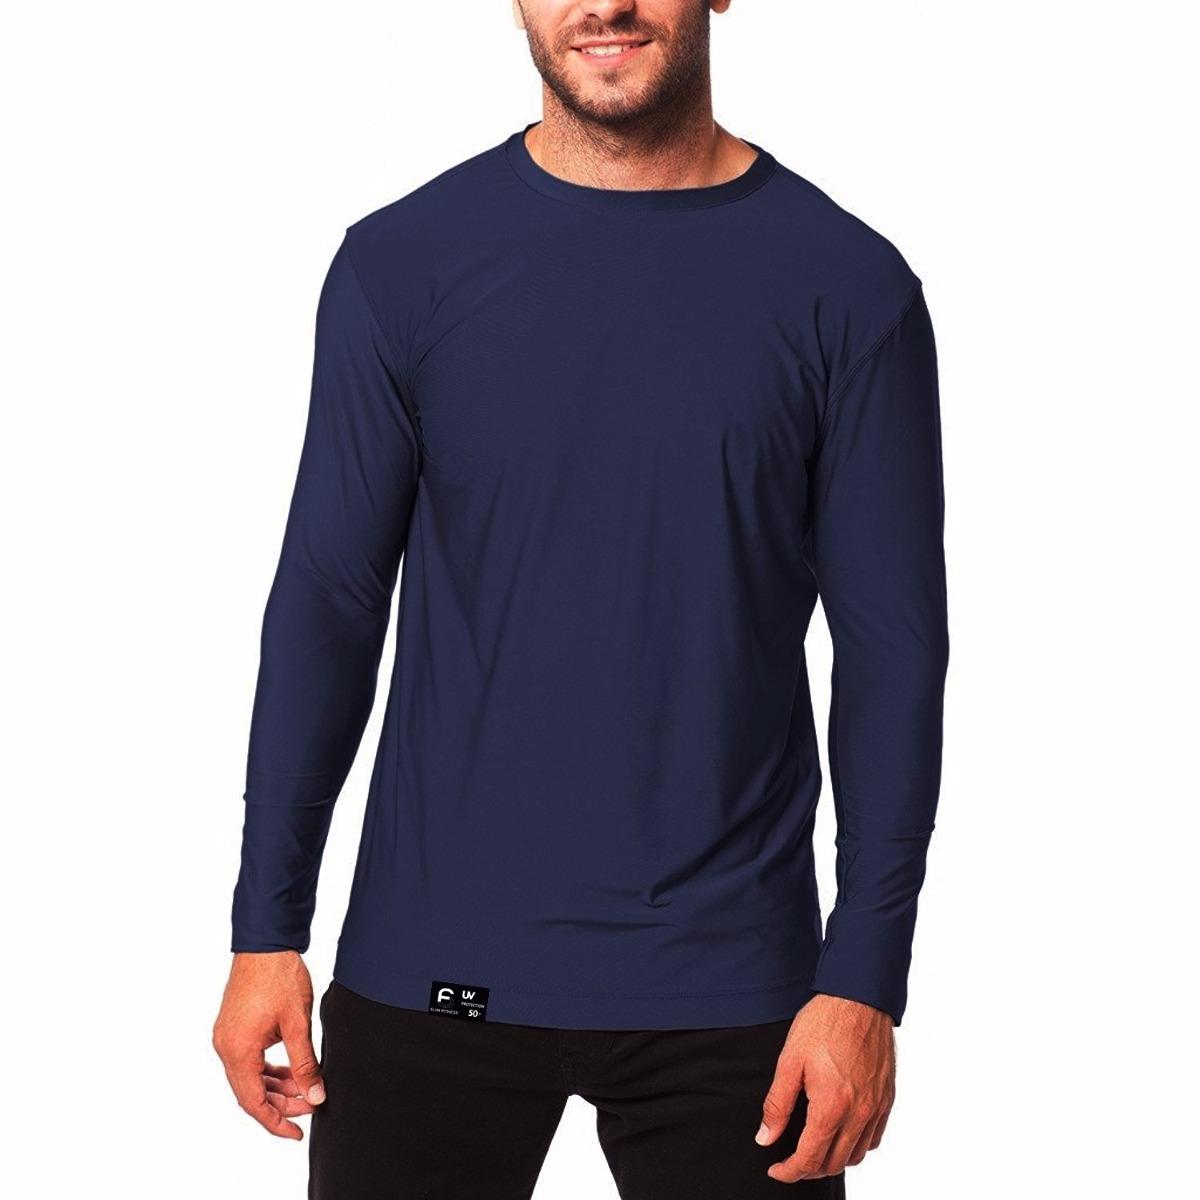 Kit Com 4 Camisetas Proteção Solar Uv 50 Pesca - R  179 9a3c4b7bb1c7c